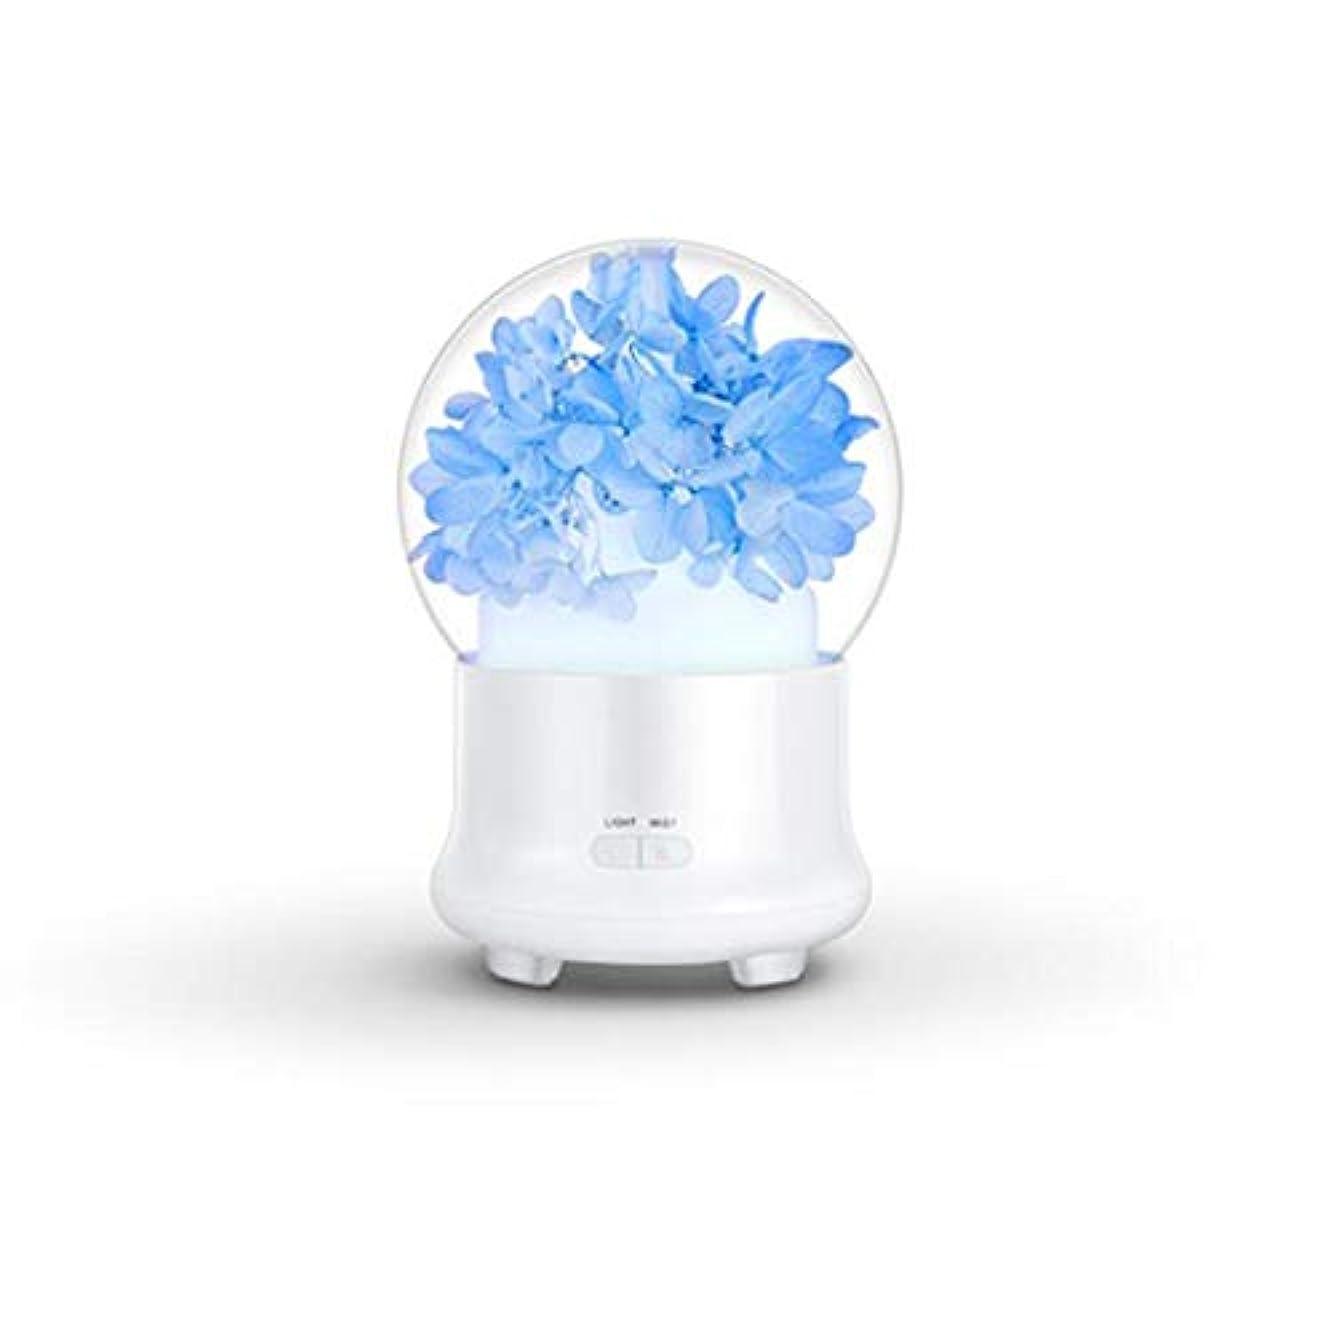 二年生意図梨ACHICOO アロマディフューザー 加湿器 花 電気 カラフル LED ミストフォッガー かわいい 安全 24V 12 x 12 x 16.8cm ブルー